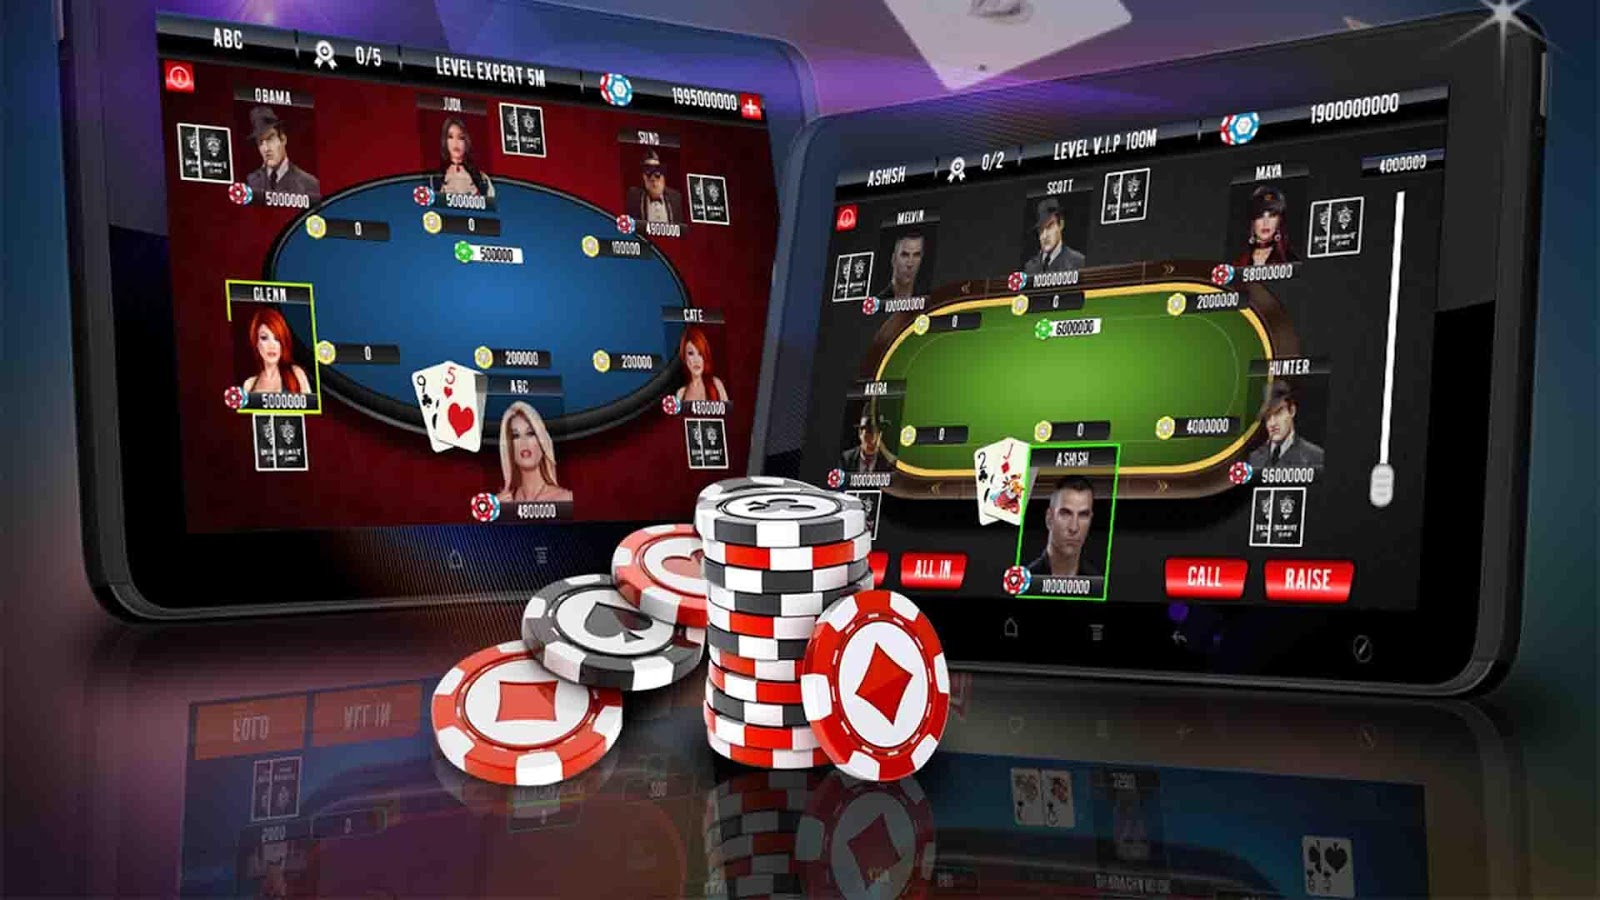 W88 Poker là gì? Hướng dẫn chơi Poker tại W88 từ A – Z